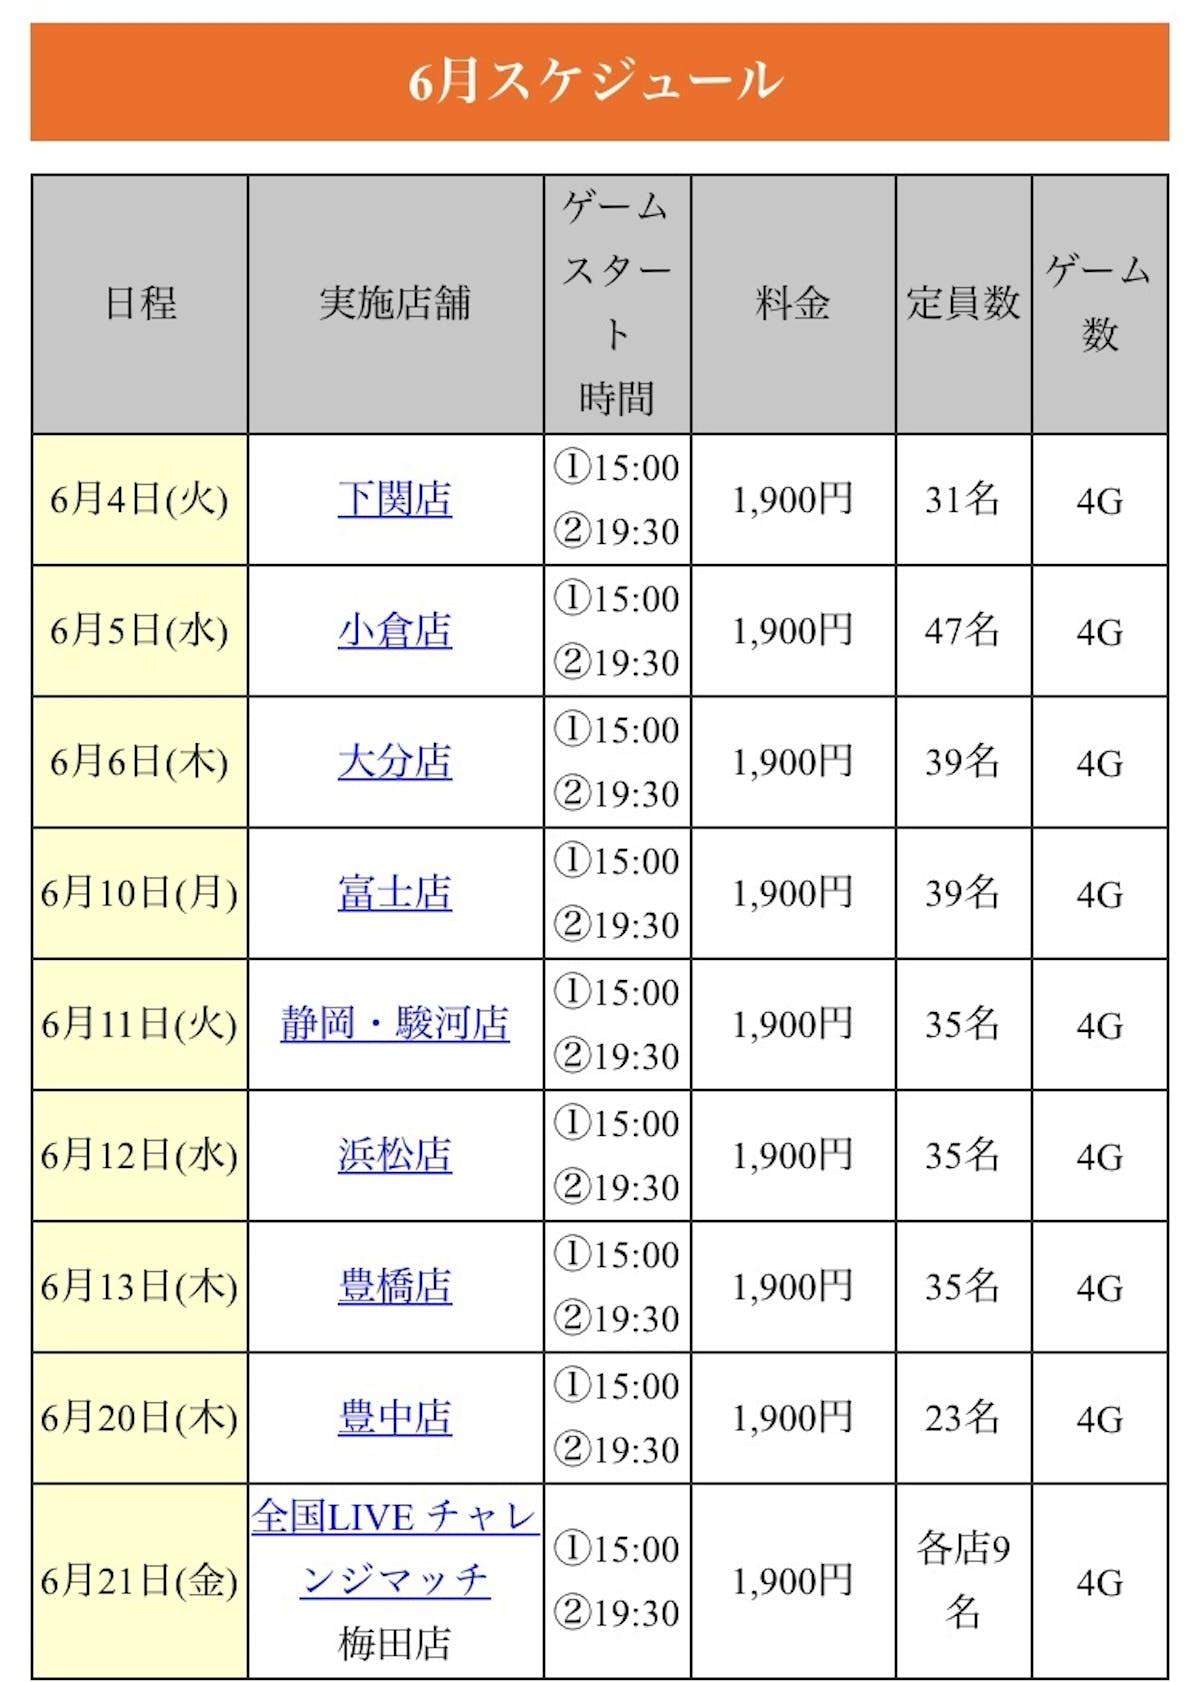 D44FA2D9-5A99-4079-BDB9-1331267571D8.jpeg